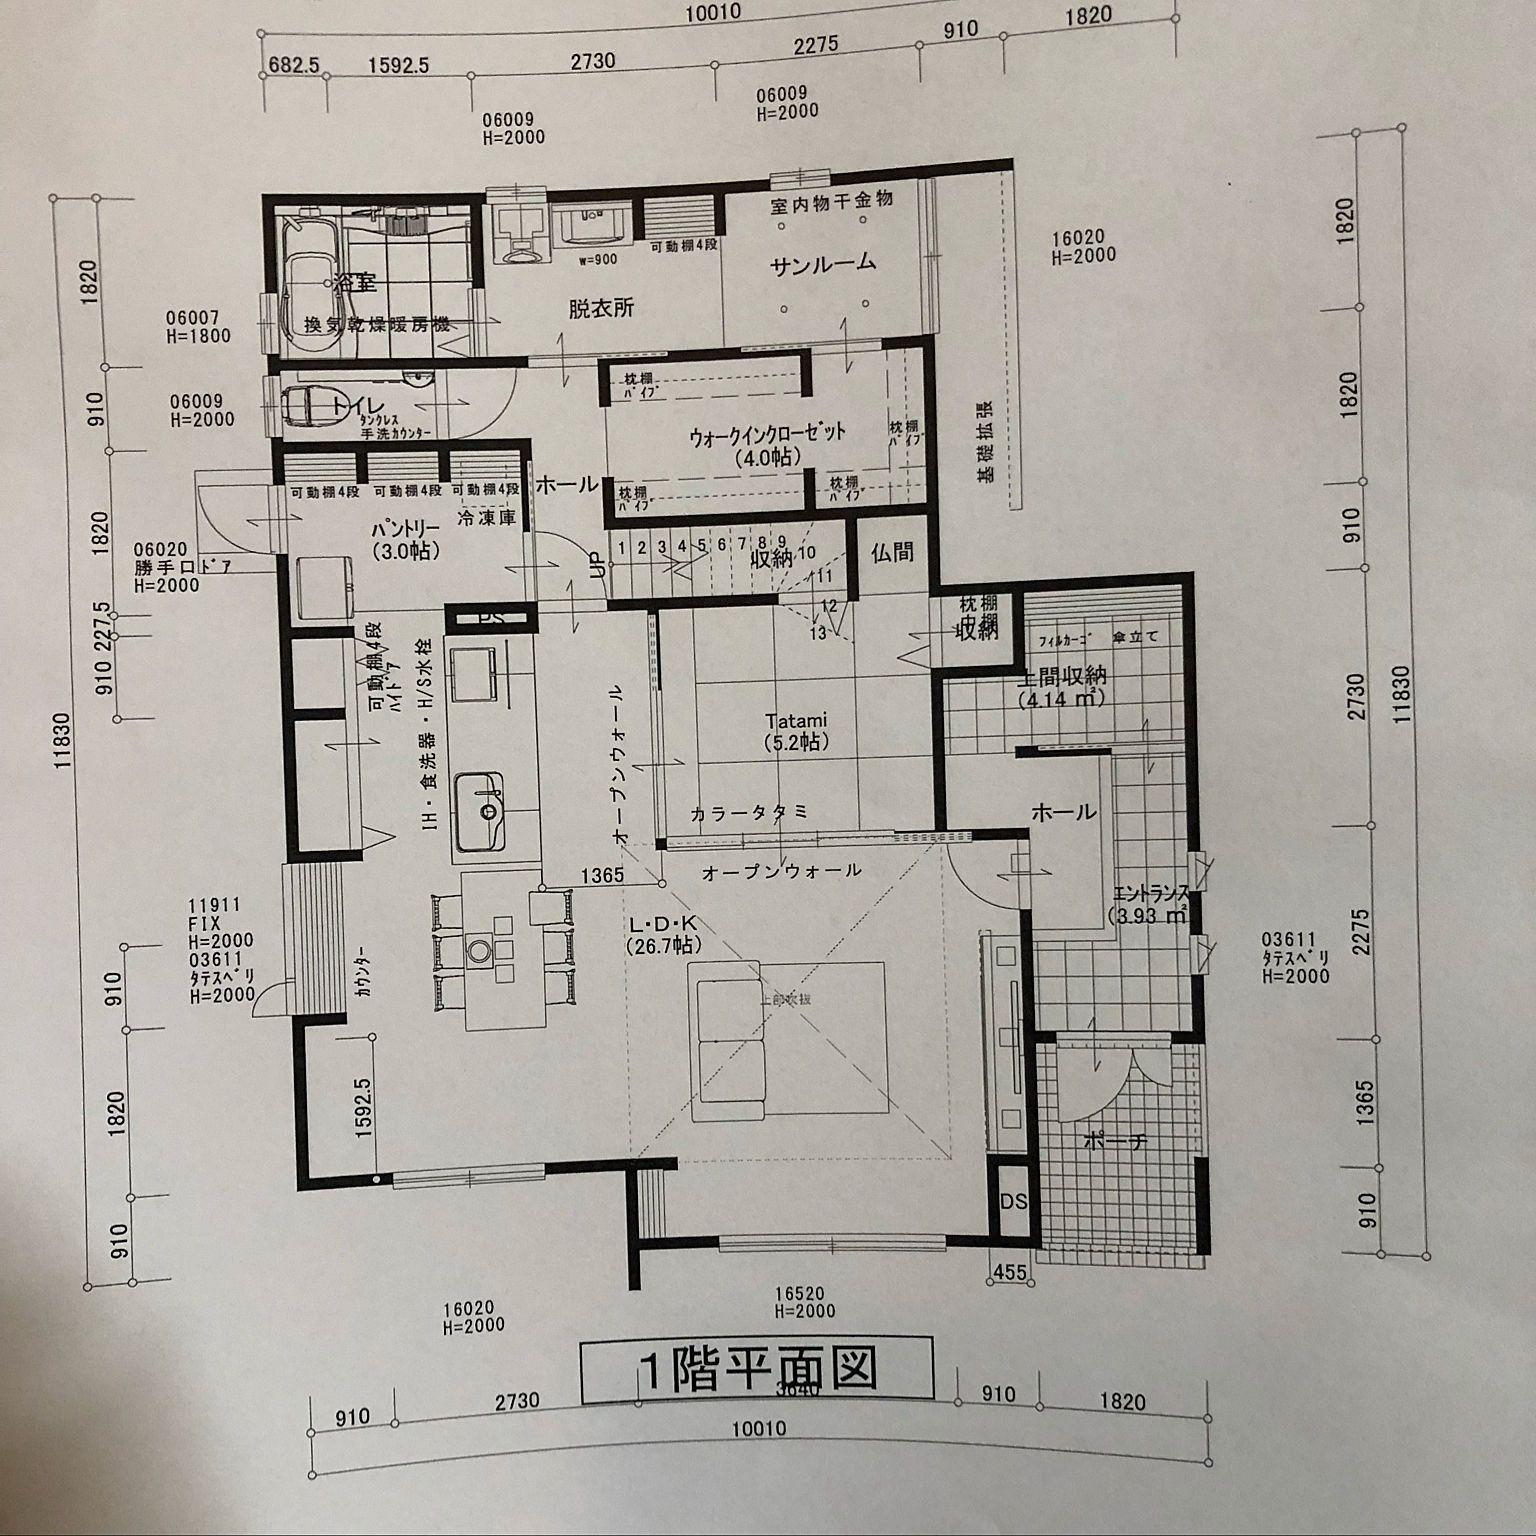 部屋全体 縦長のおうち マイホーム計画中の方と繋がりたい Hm決定 間取り図 などのインテリア実例 2018 07 05 21 24 45 Roomclip ルームクリップ 間取り図 間取り 南玄関 間取り